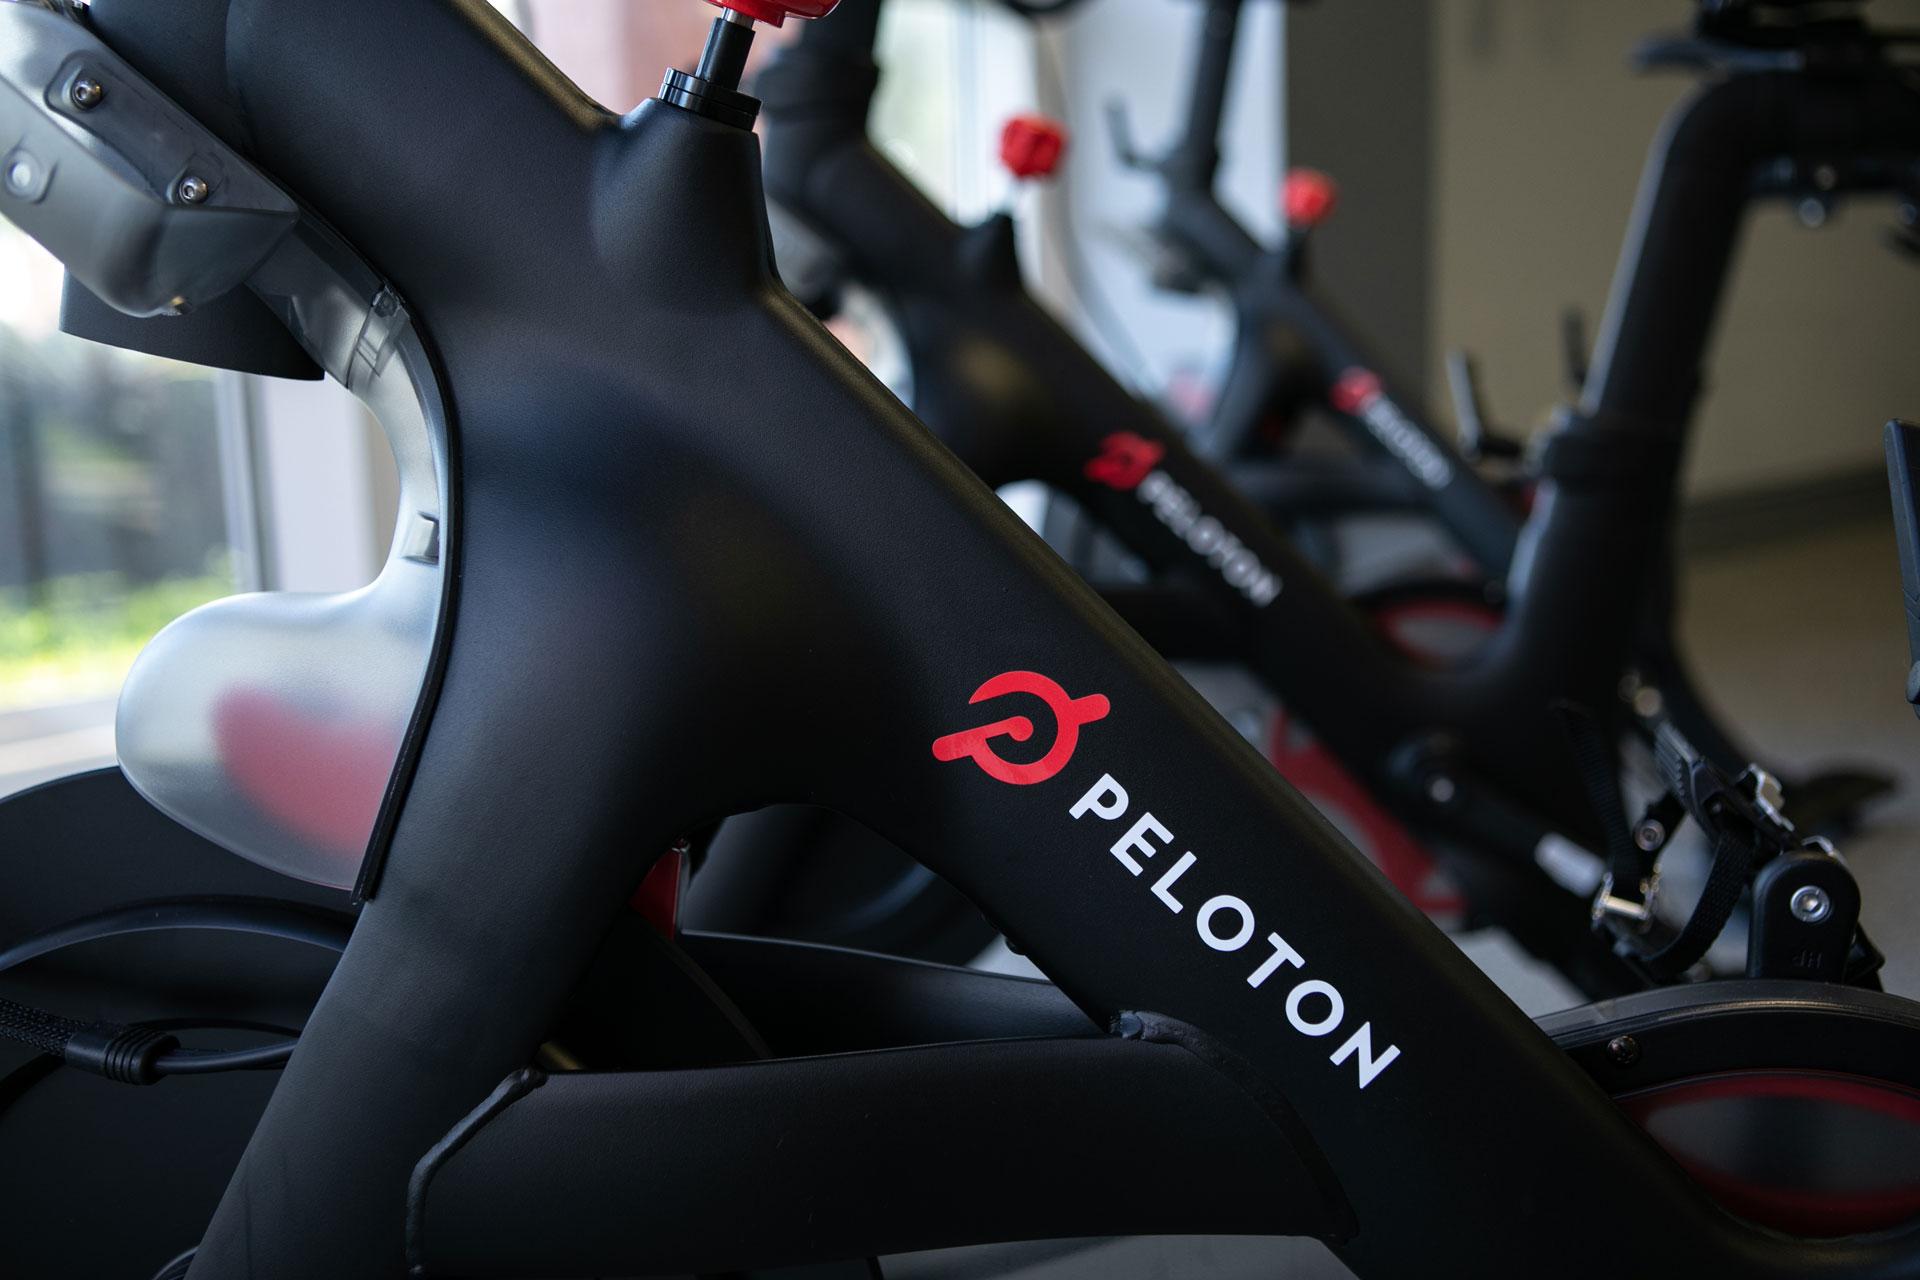 Peloton bikes